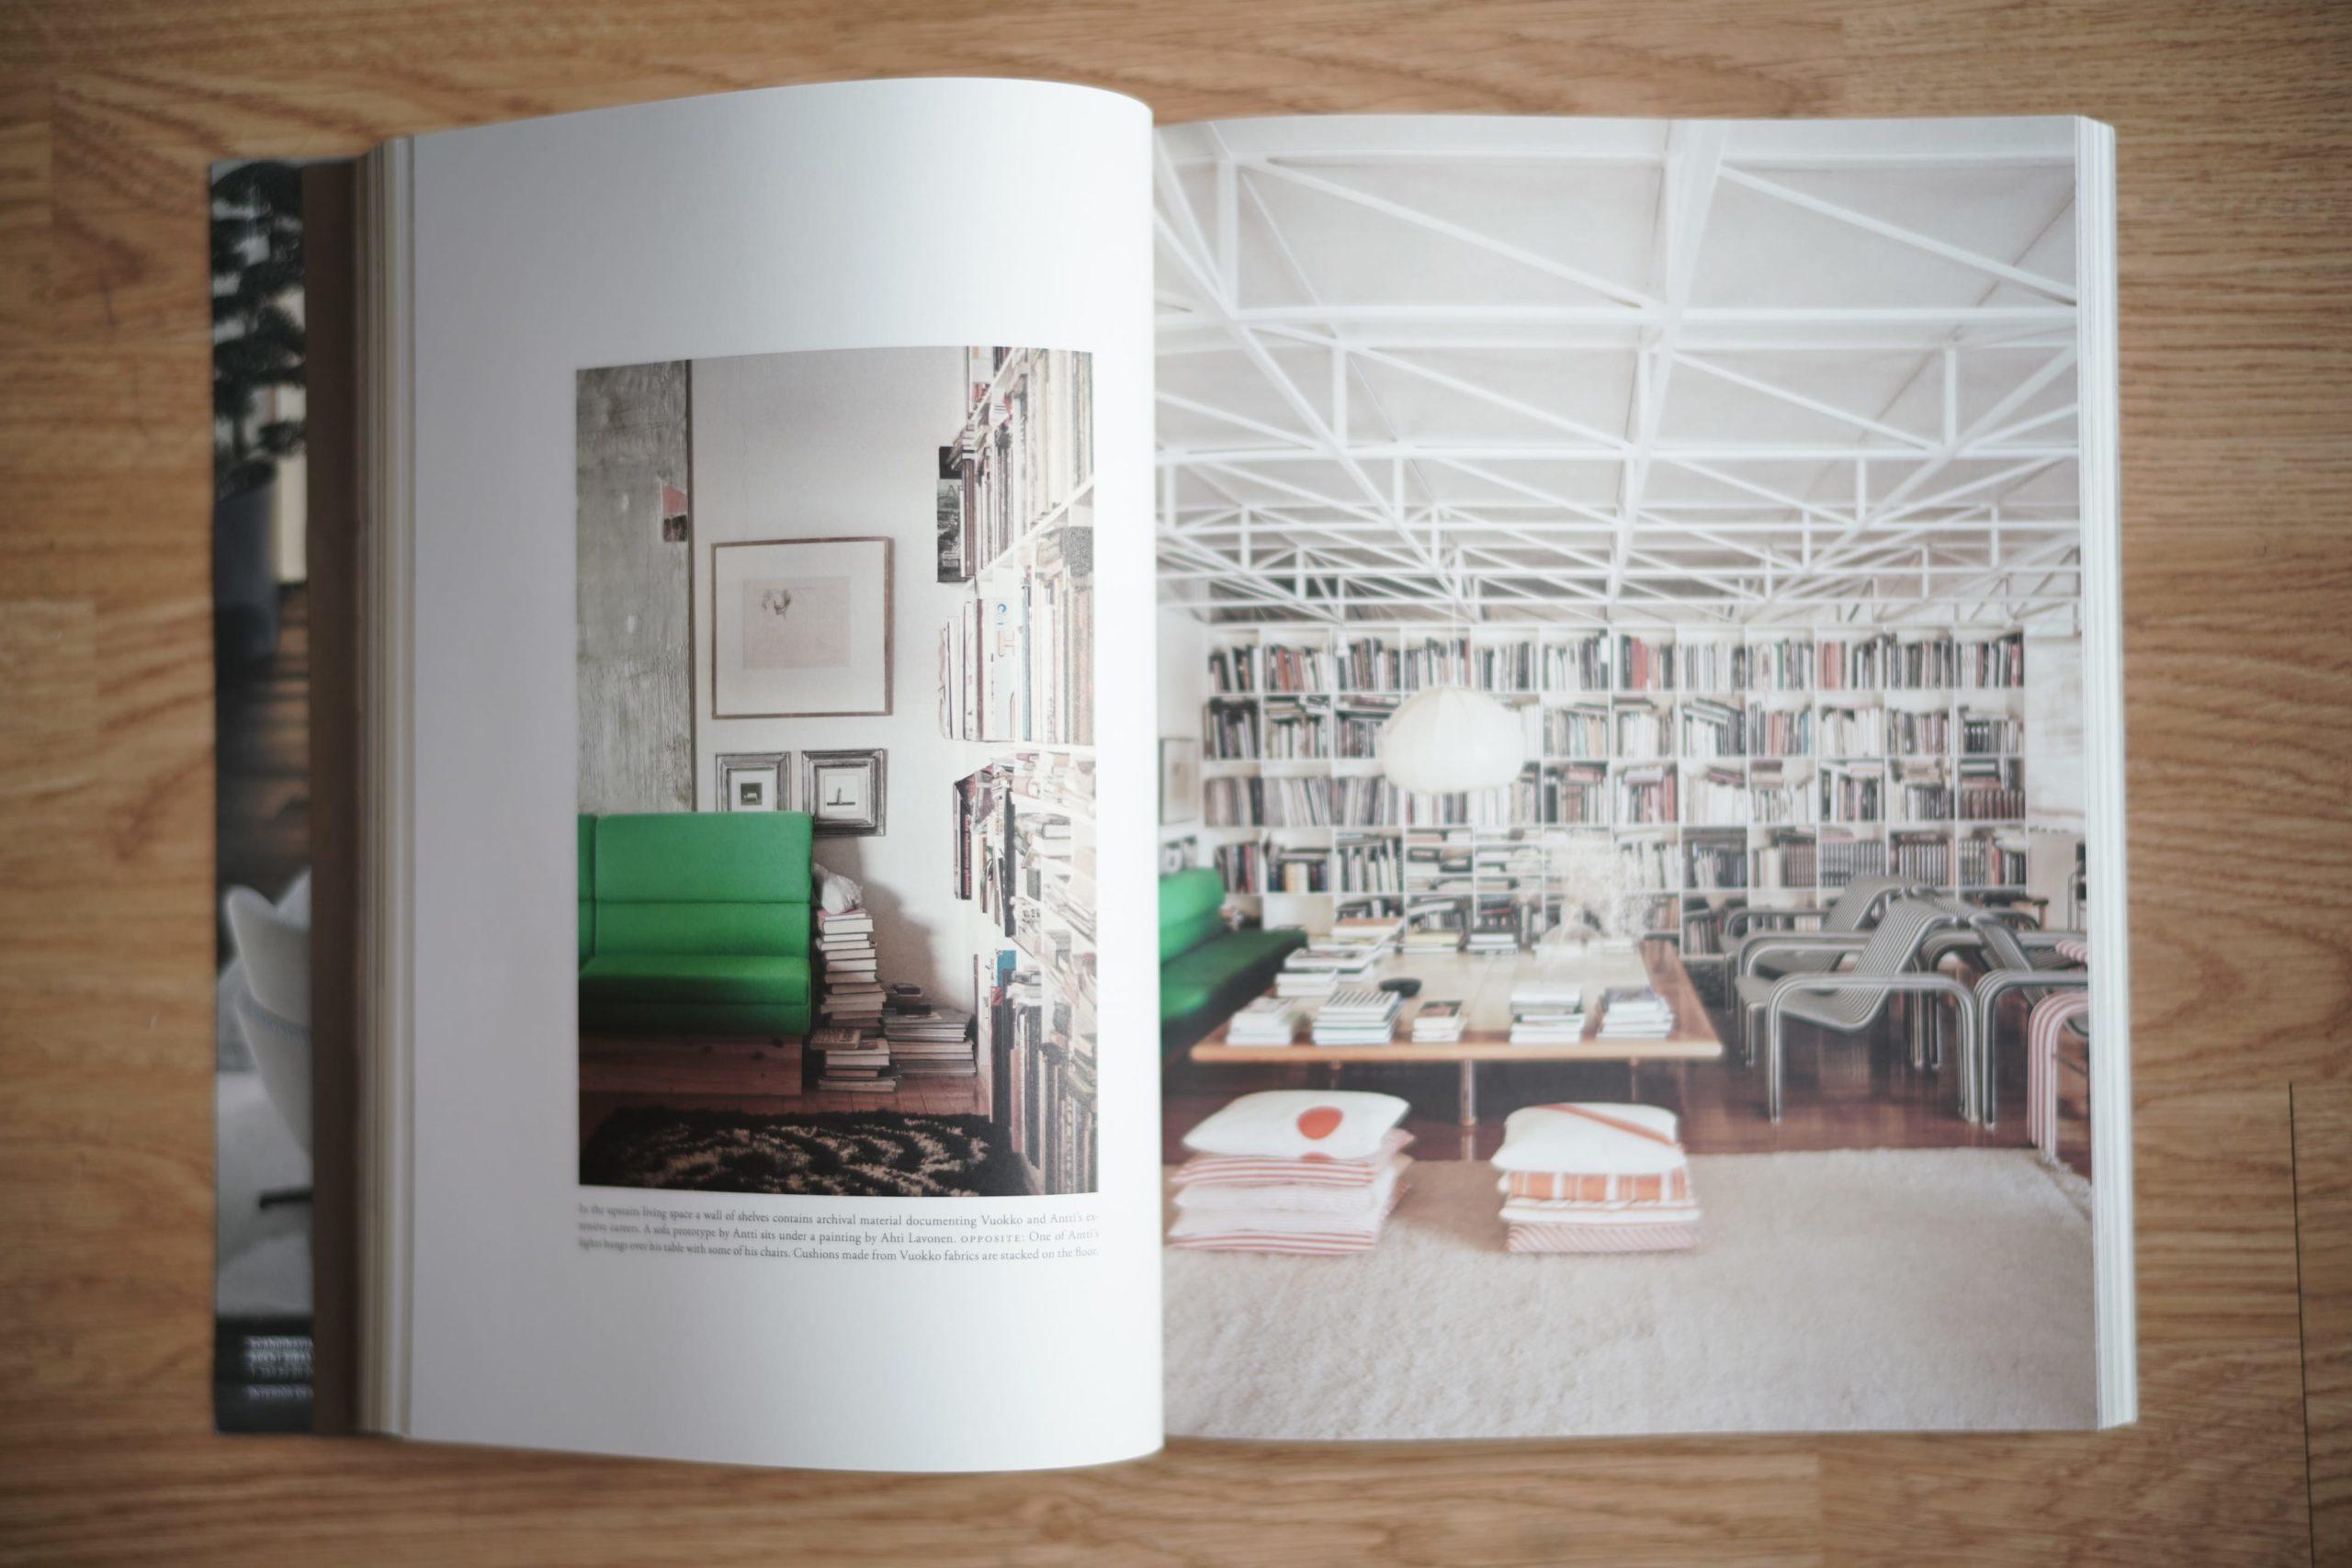 閱讀推薦 | 來自丹麥的半年刊 Ark Journal (藝術・建築・室內)・I – a_unefille